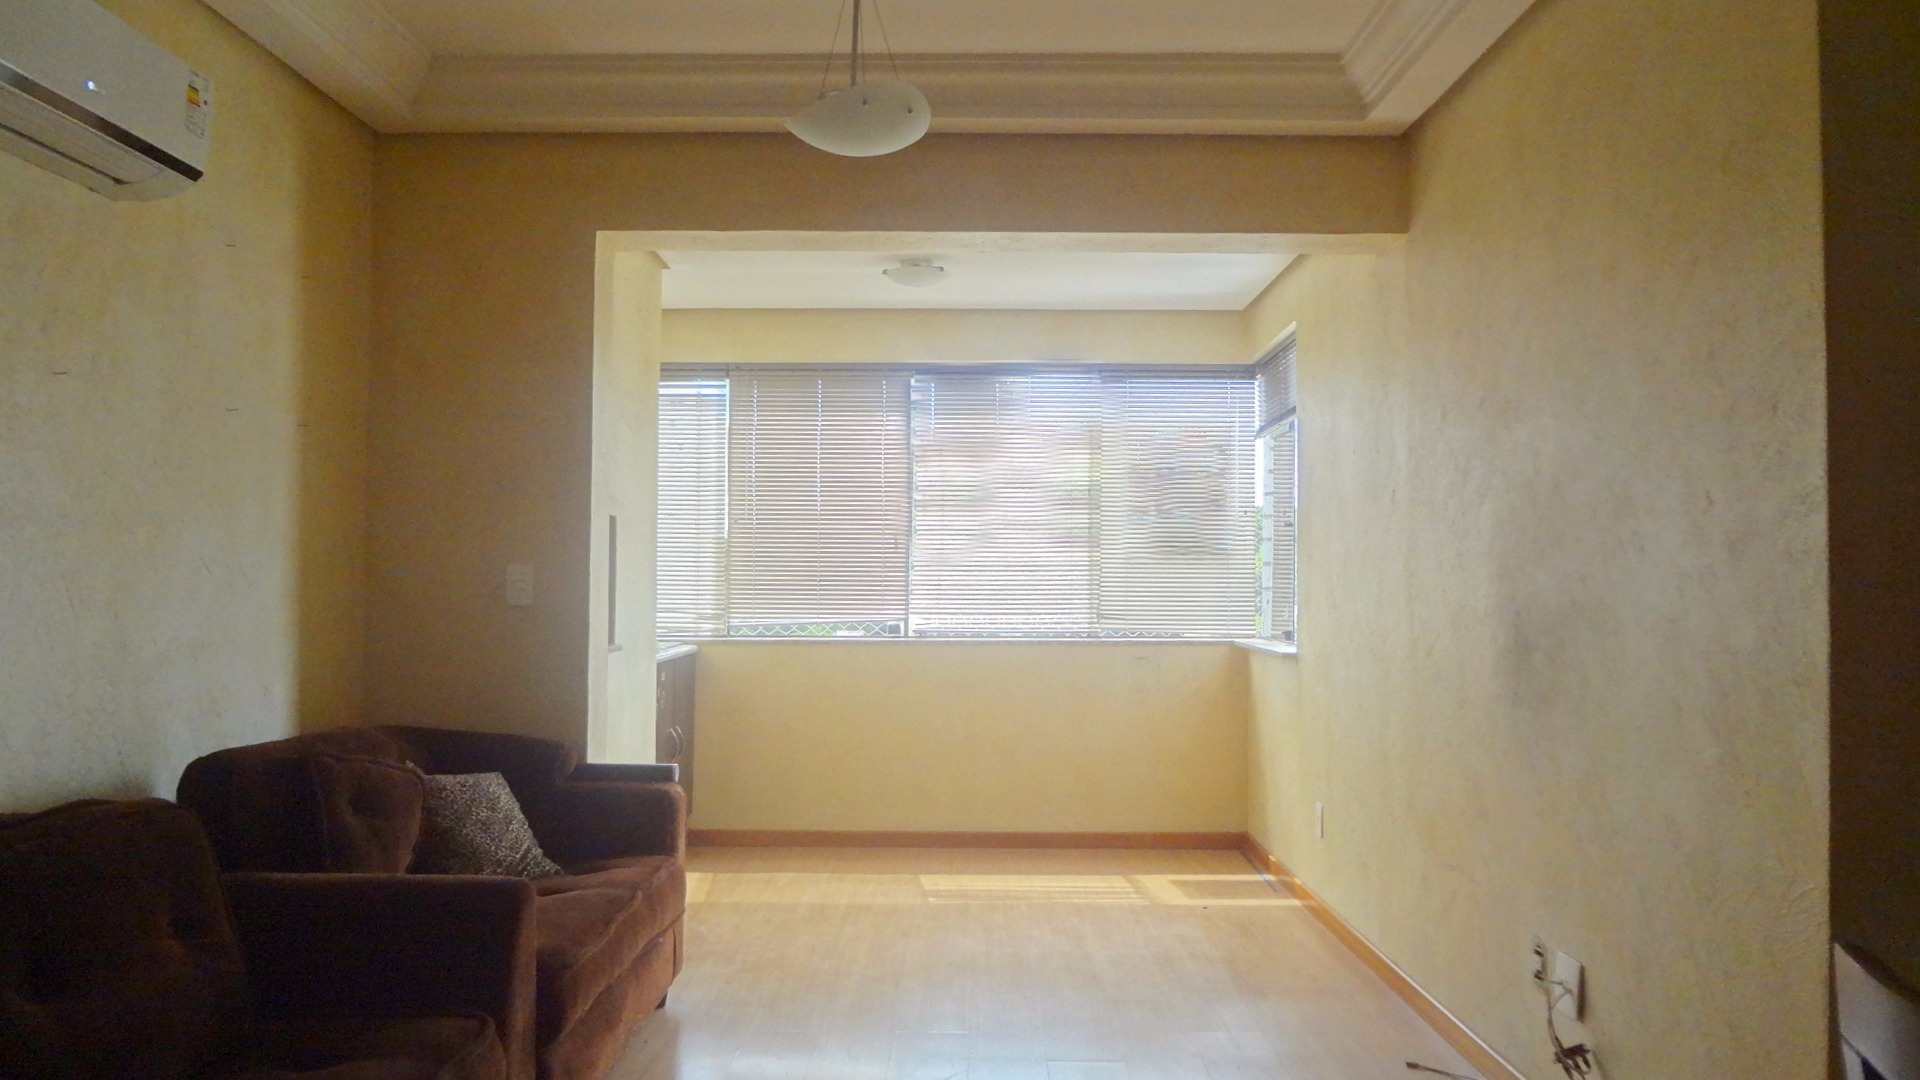 Apartamento com 3 Dormitórios 1 Suíte e 2 Vagas de Garagem à venda  #684B28 1920x1080 Armario Banheiro Sao Joao